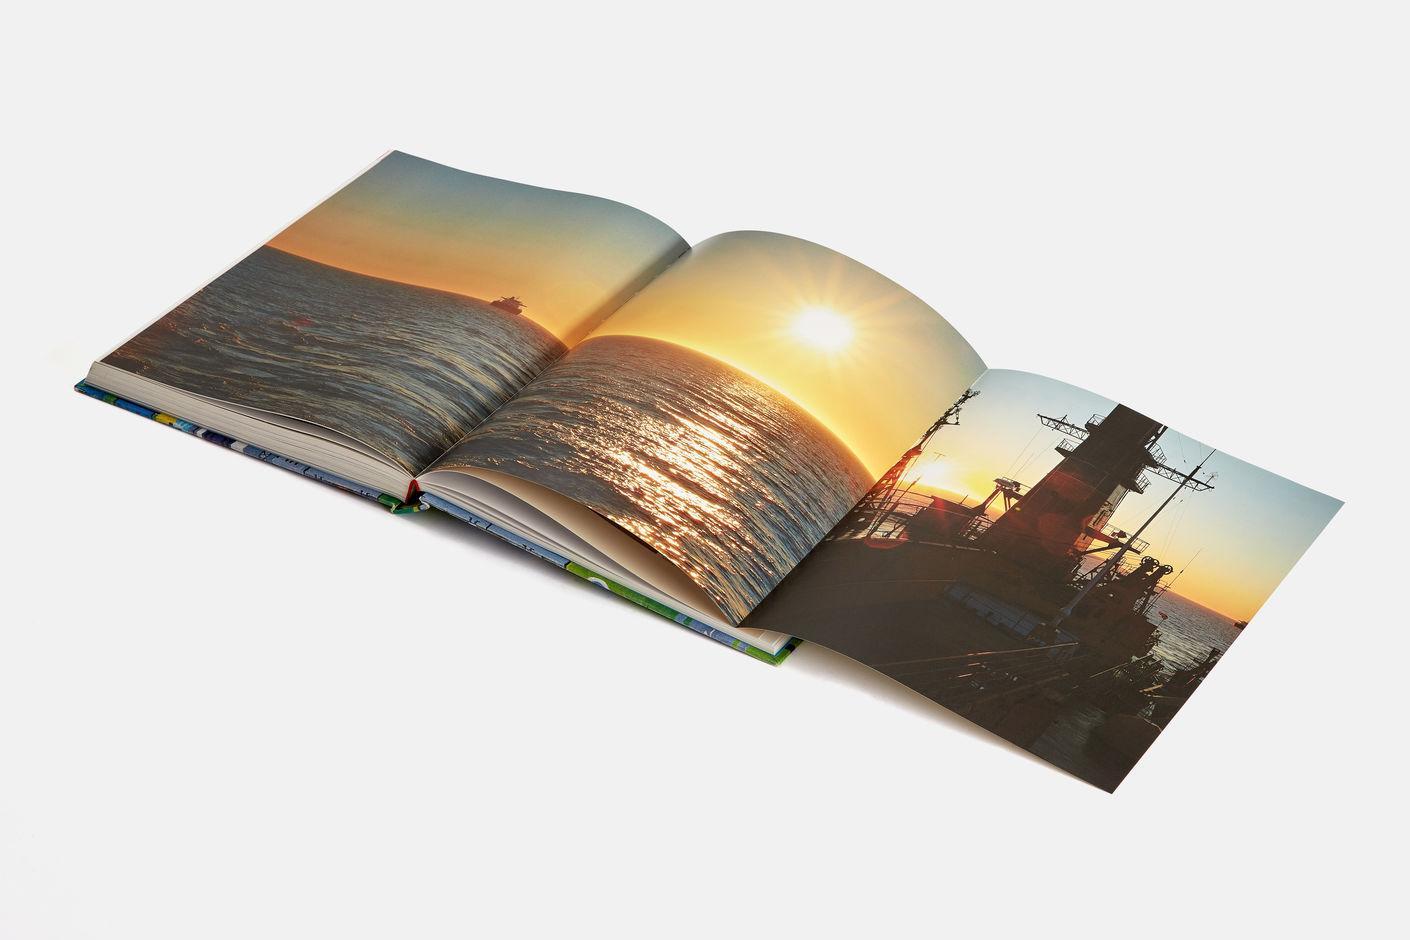 C:\Users\Olga\Desktop\ВШЭ\Школа_дизайна\Картинки_сайт\Шапки для ФБ\Издание книг о компании2.jpg